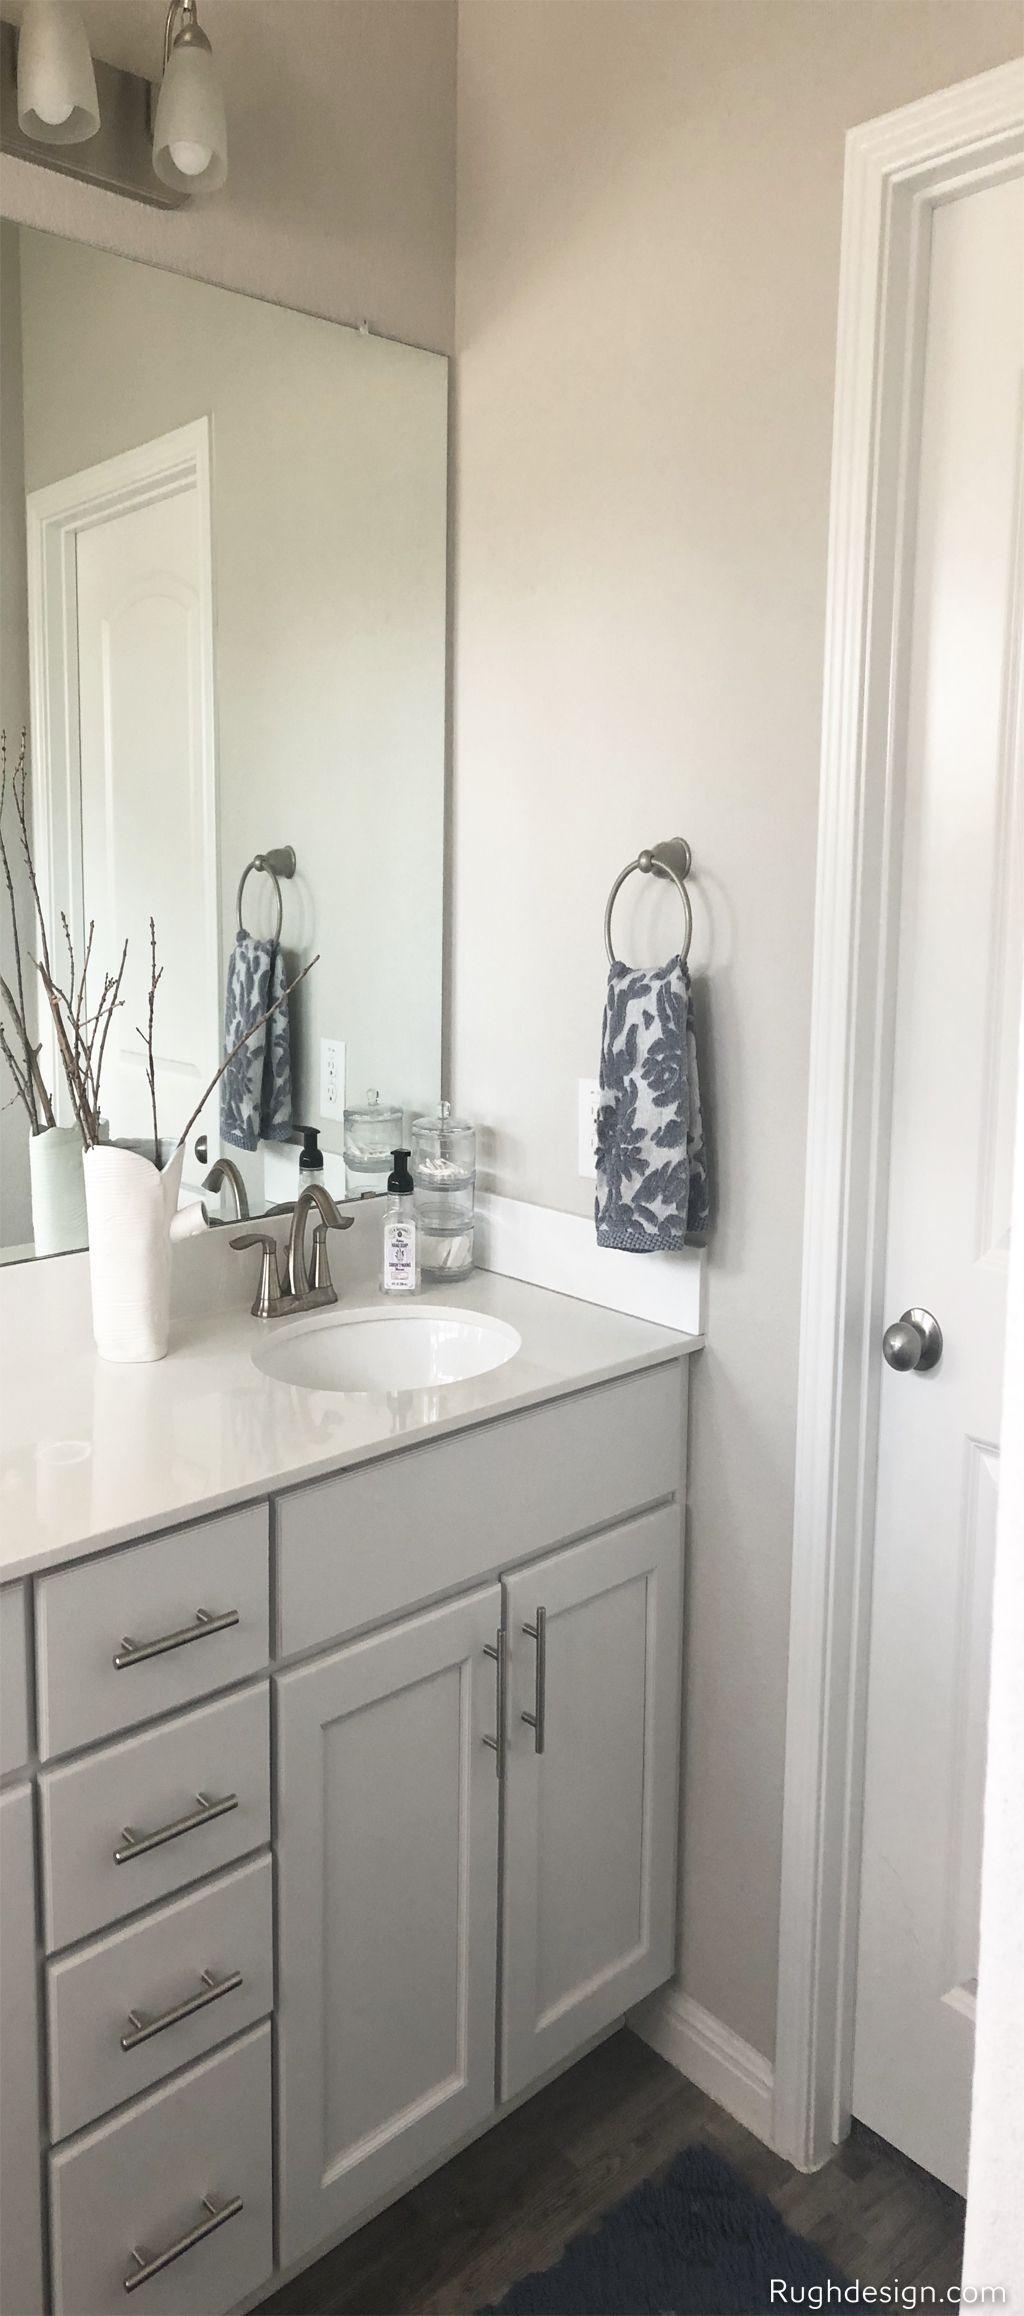 Grey Color Scheme For Bathroom